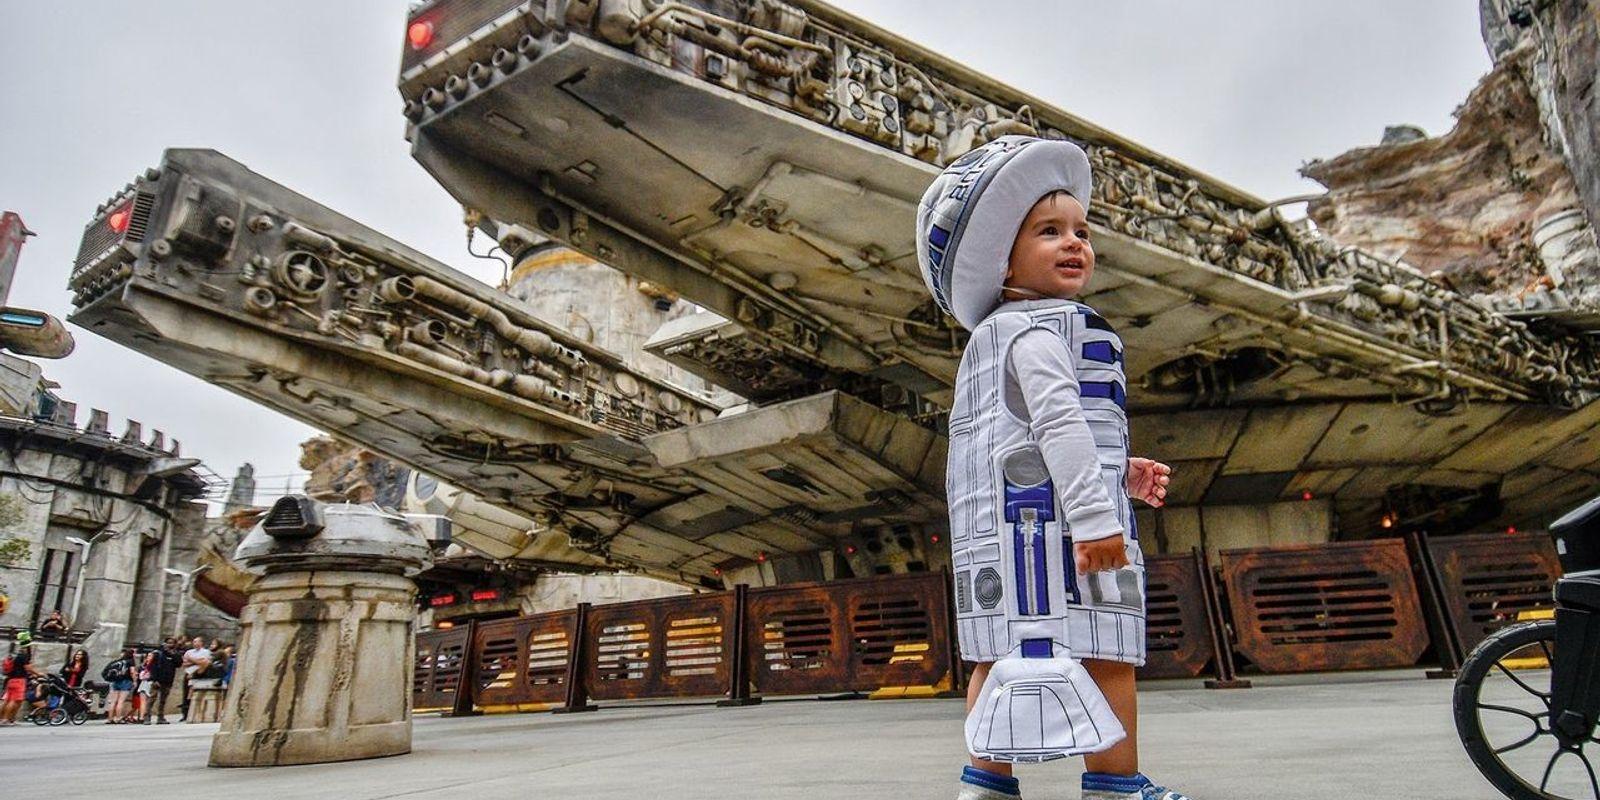 Viaja a otras galaxias con Star Wars